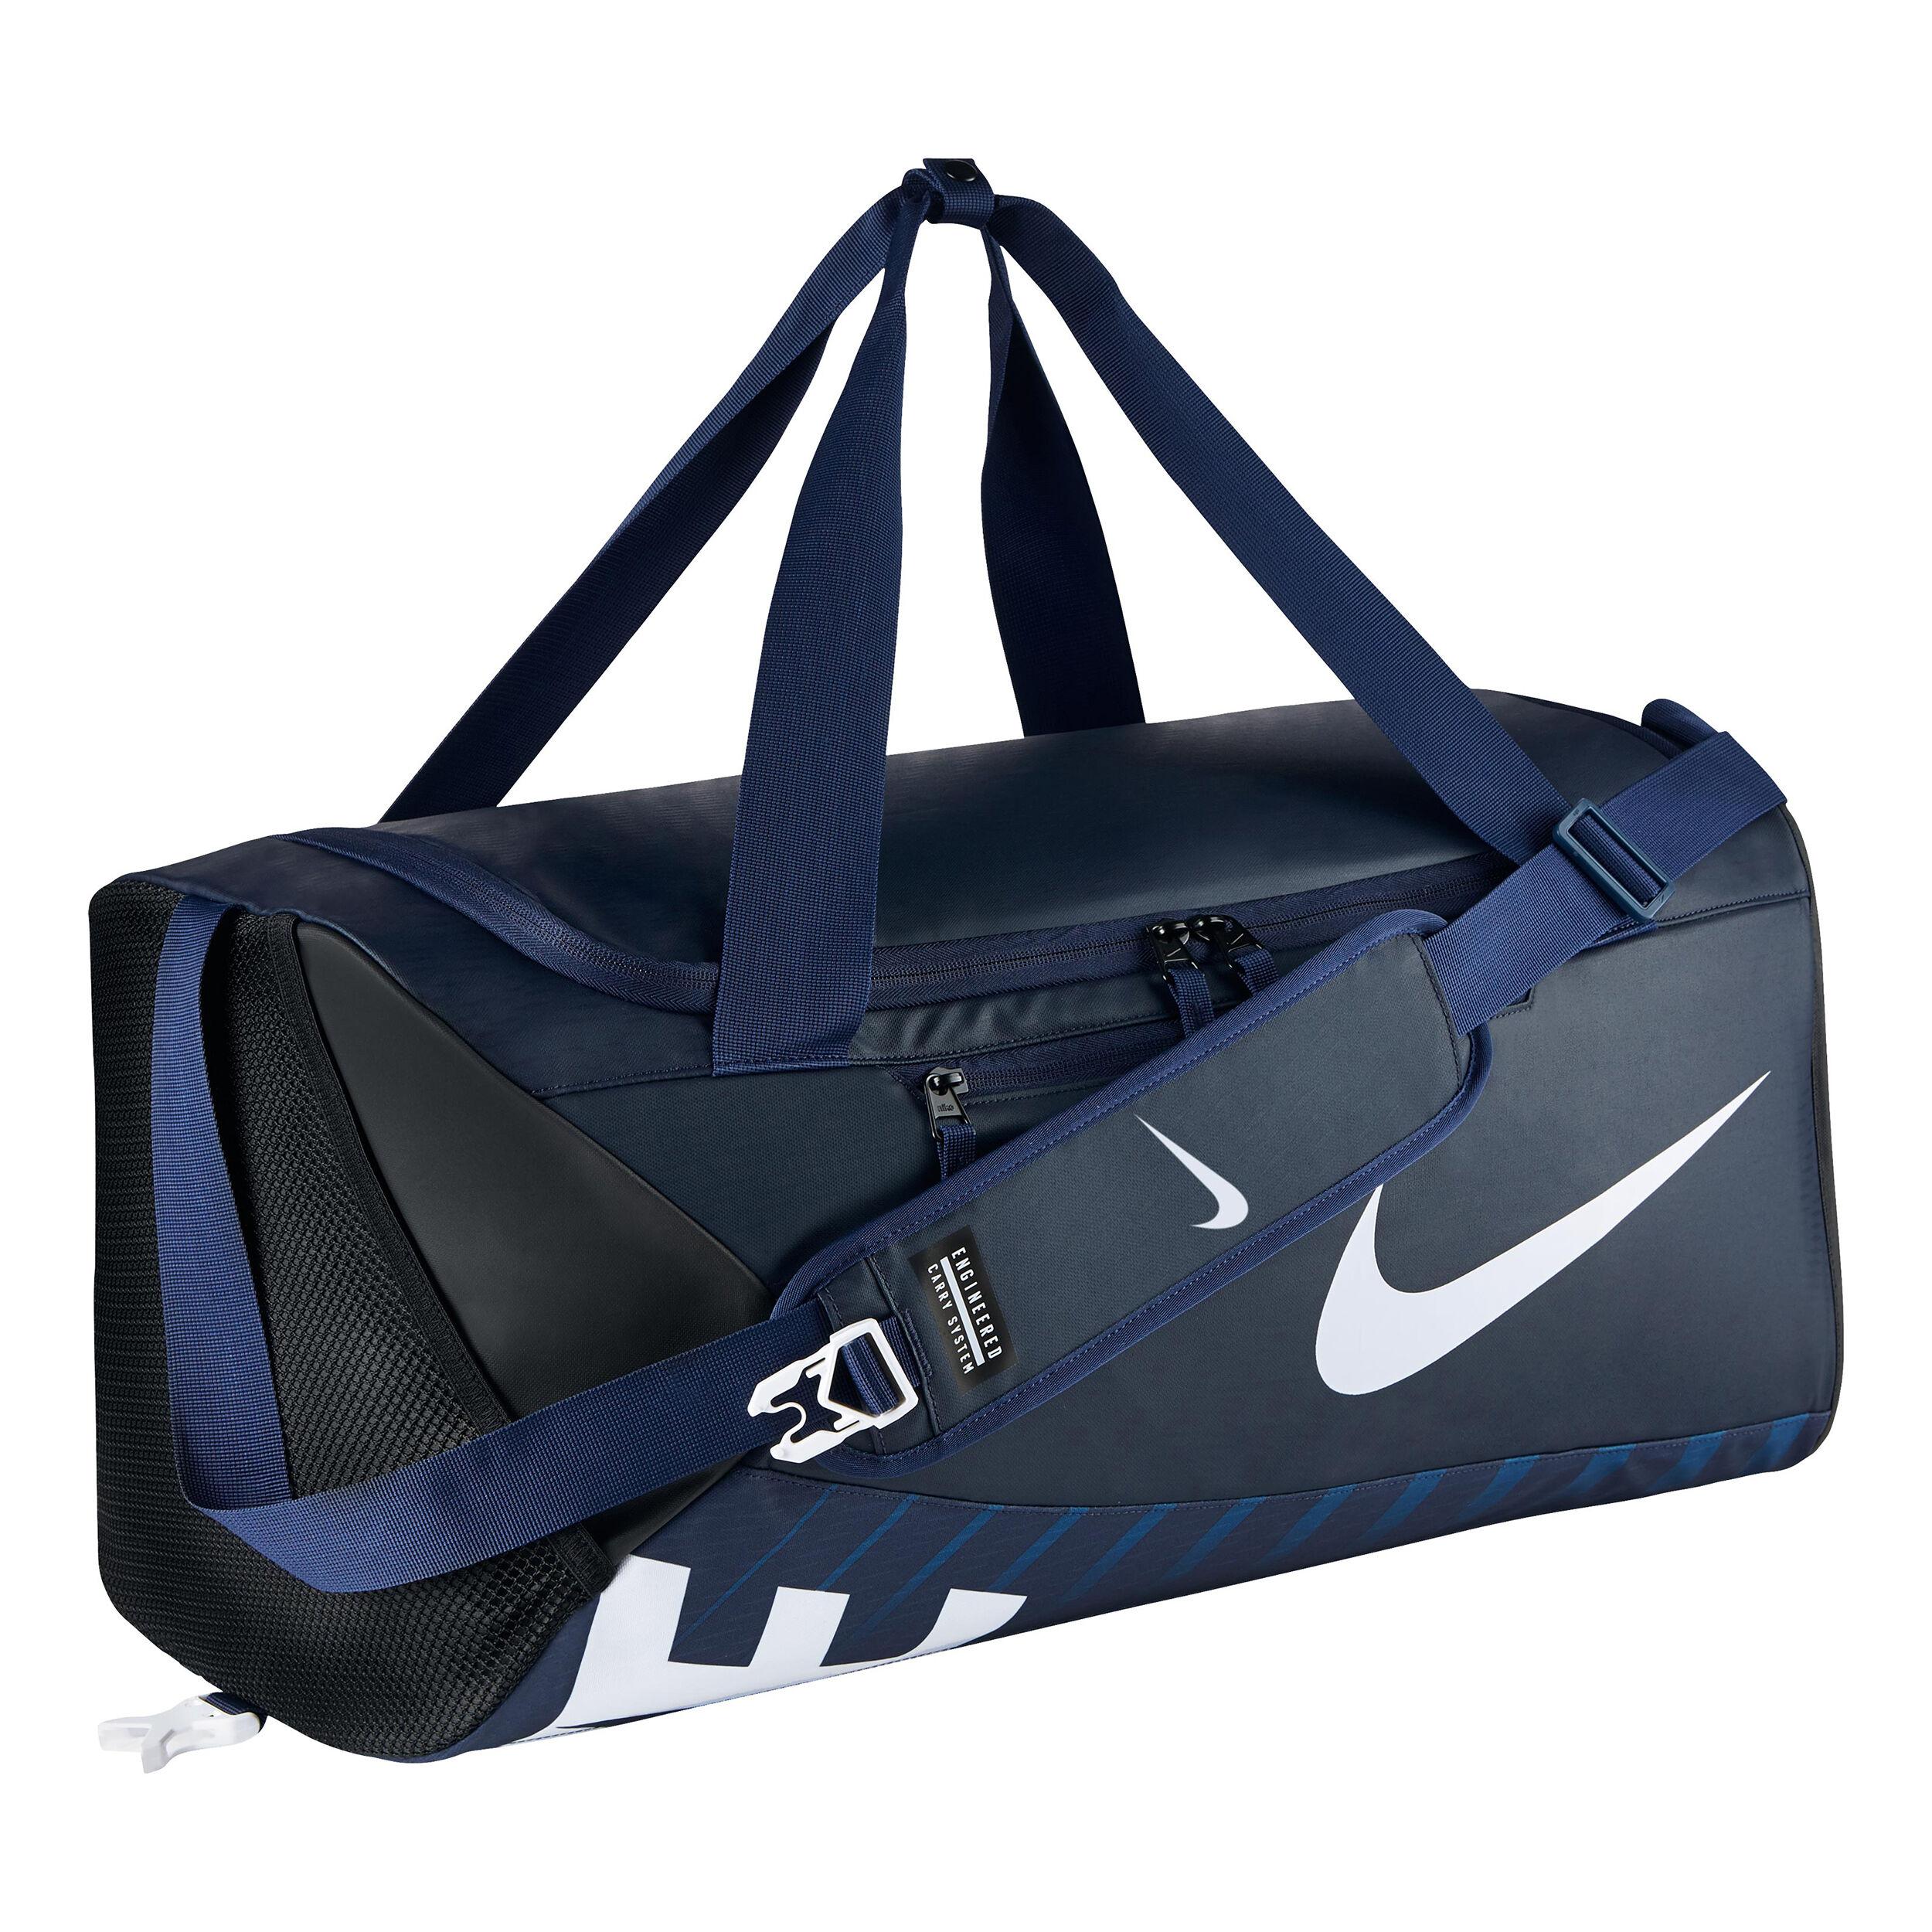 Alpha Duffel Deporte OscuroNegro Medio Crossbody Bolsa Nike Adapt Azul bf76gYy